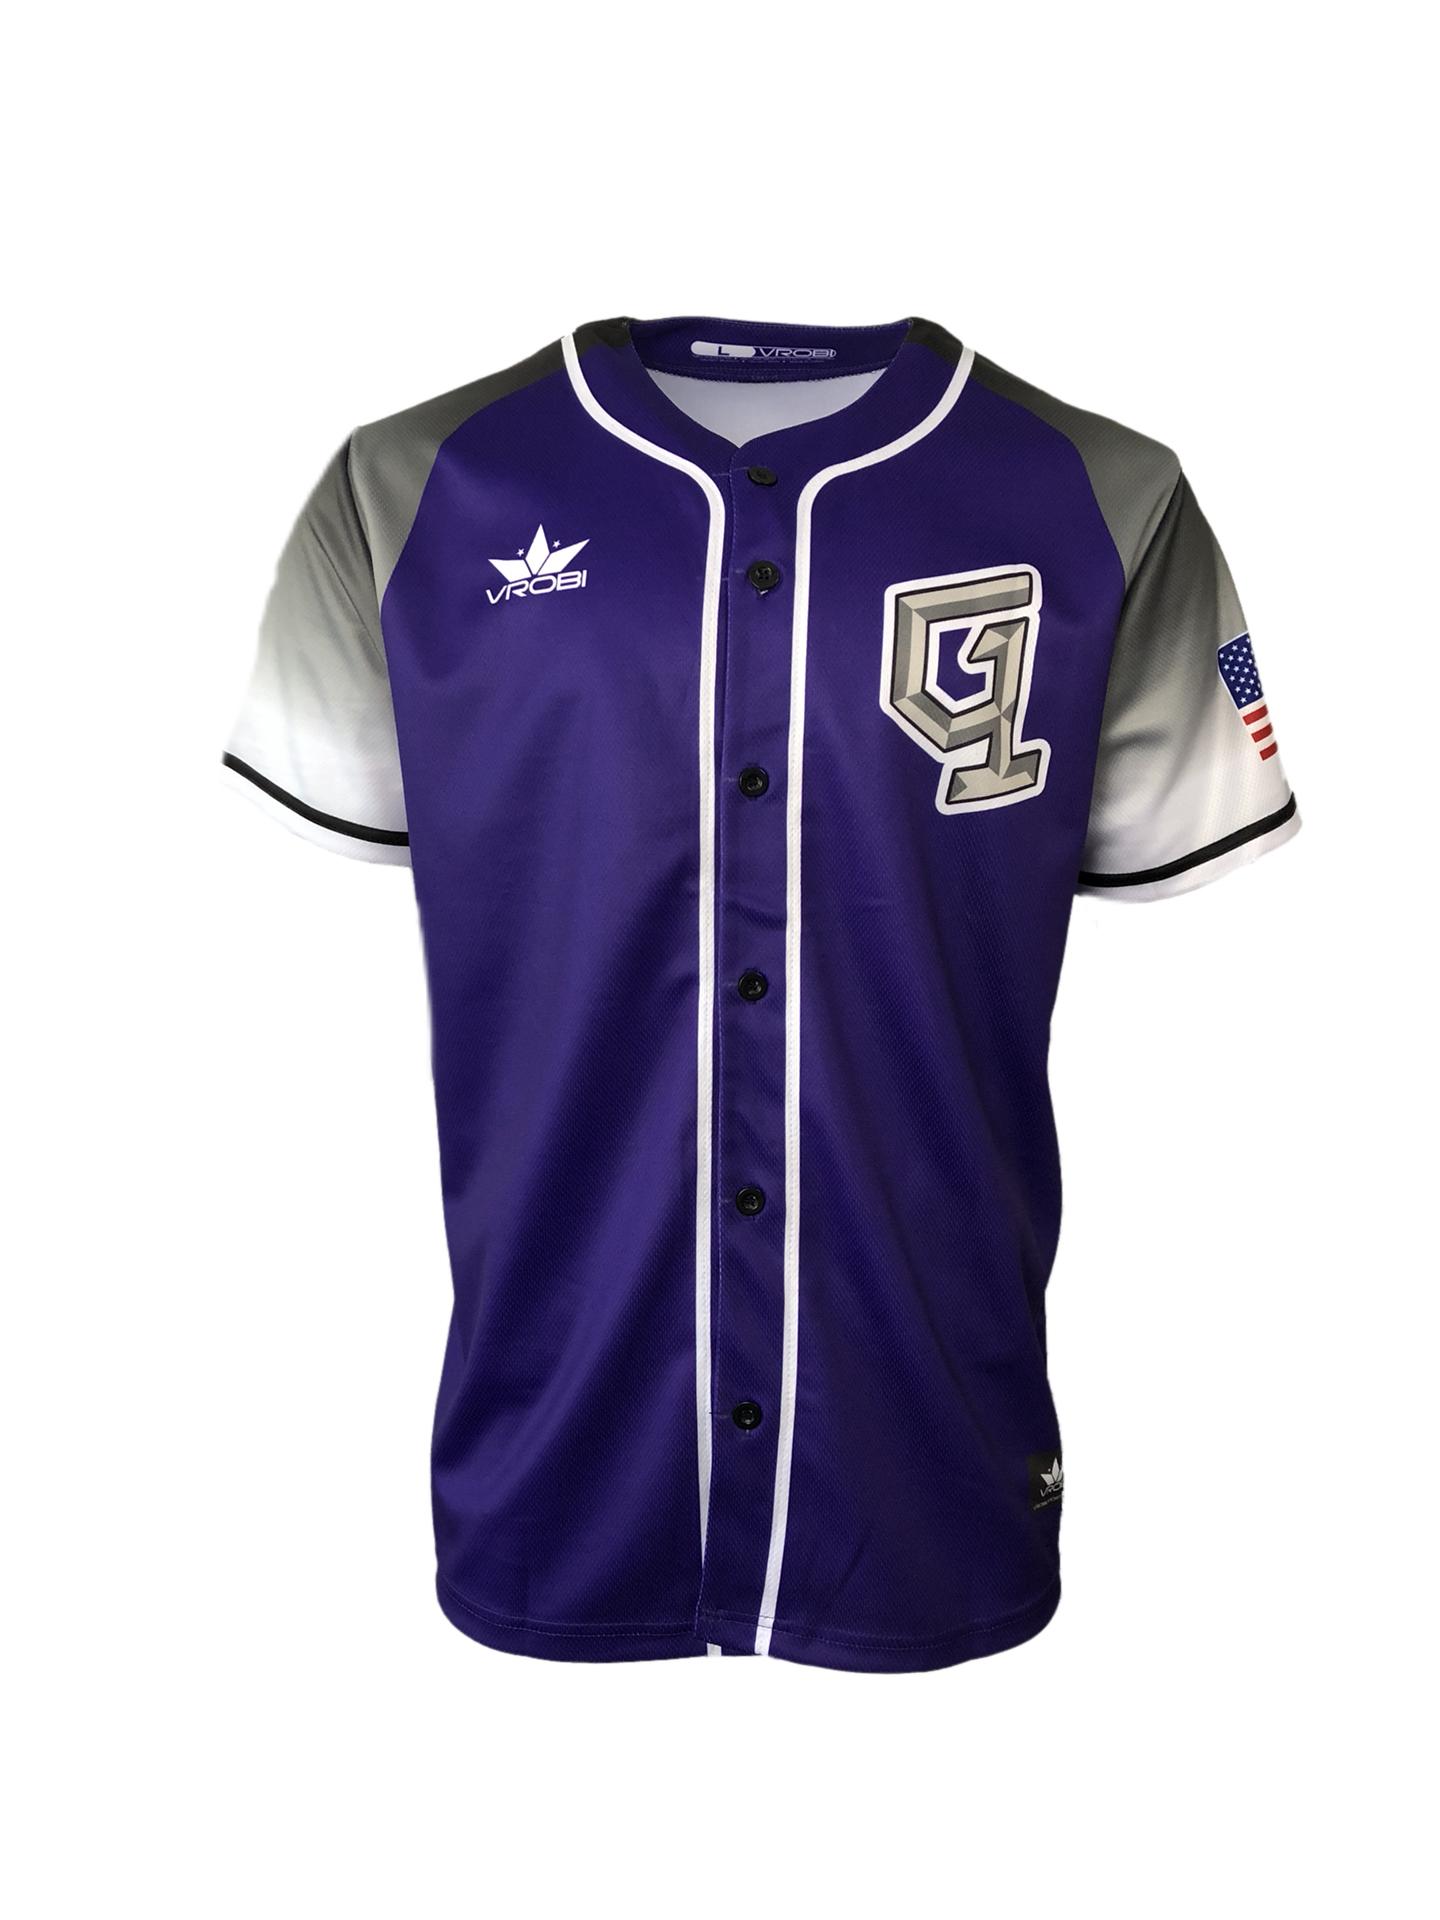 BaseballUniforms